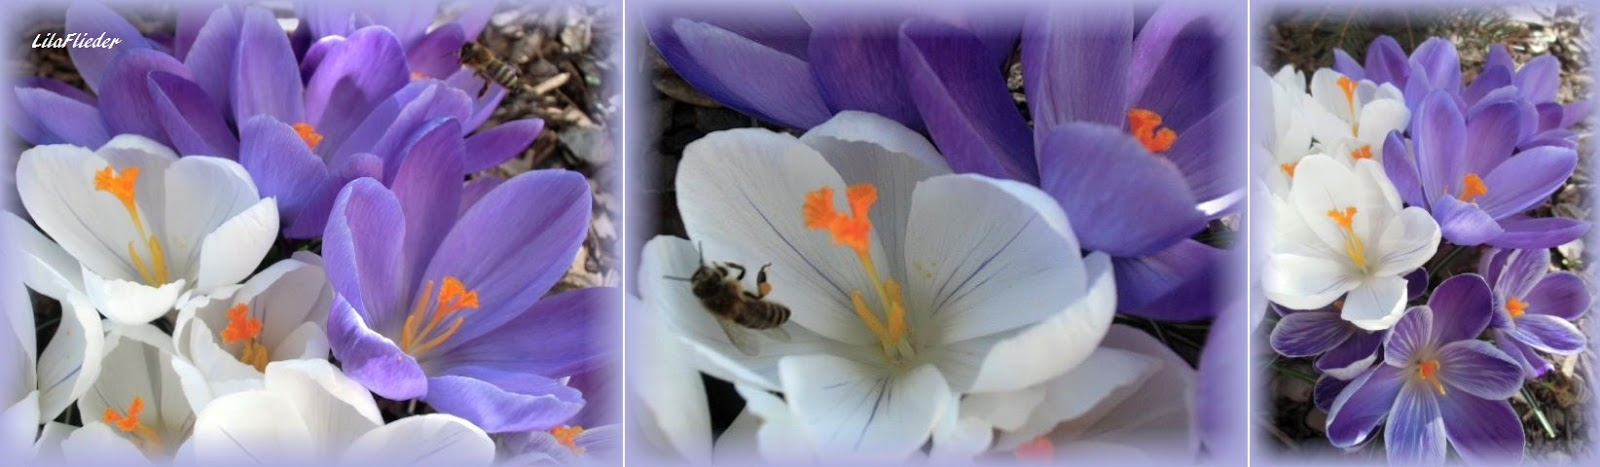 Lila Flieder Garten Frohe Ostern